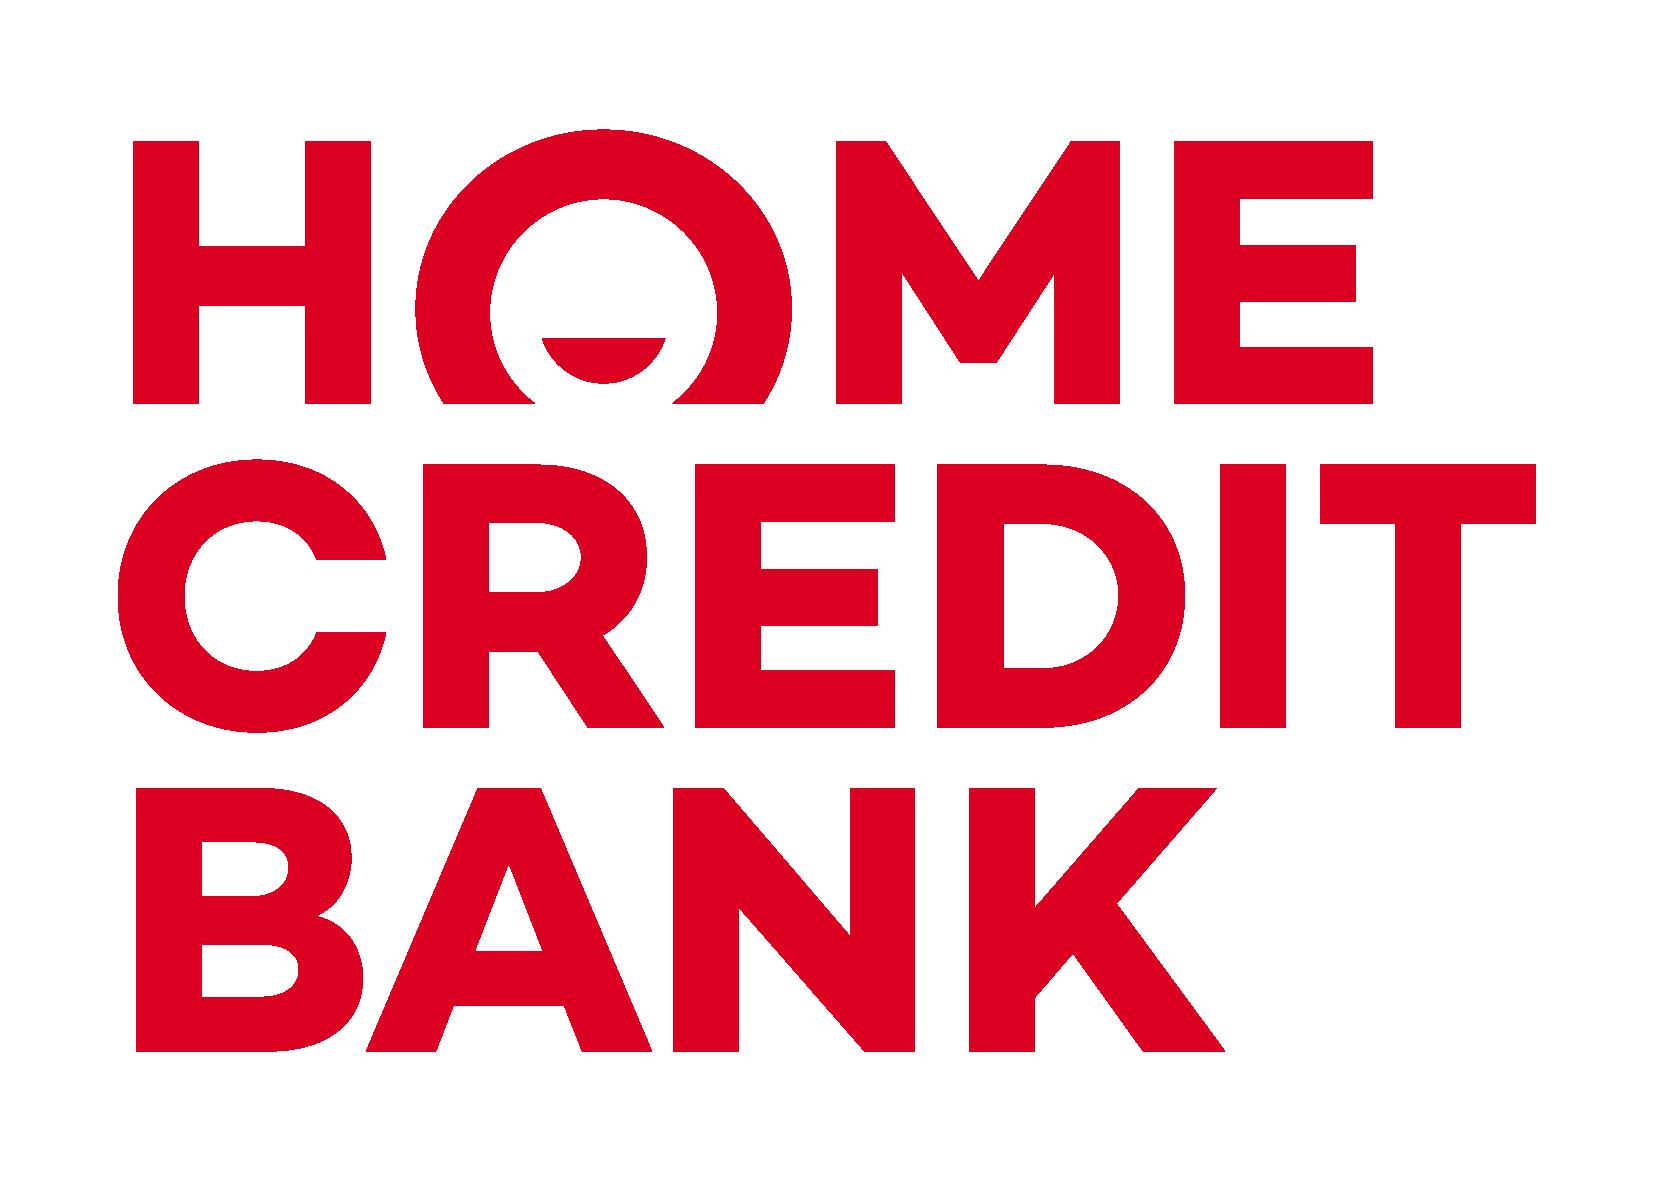 Остаток по кредиту Альфа банк посмотреть, проверить